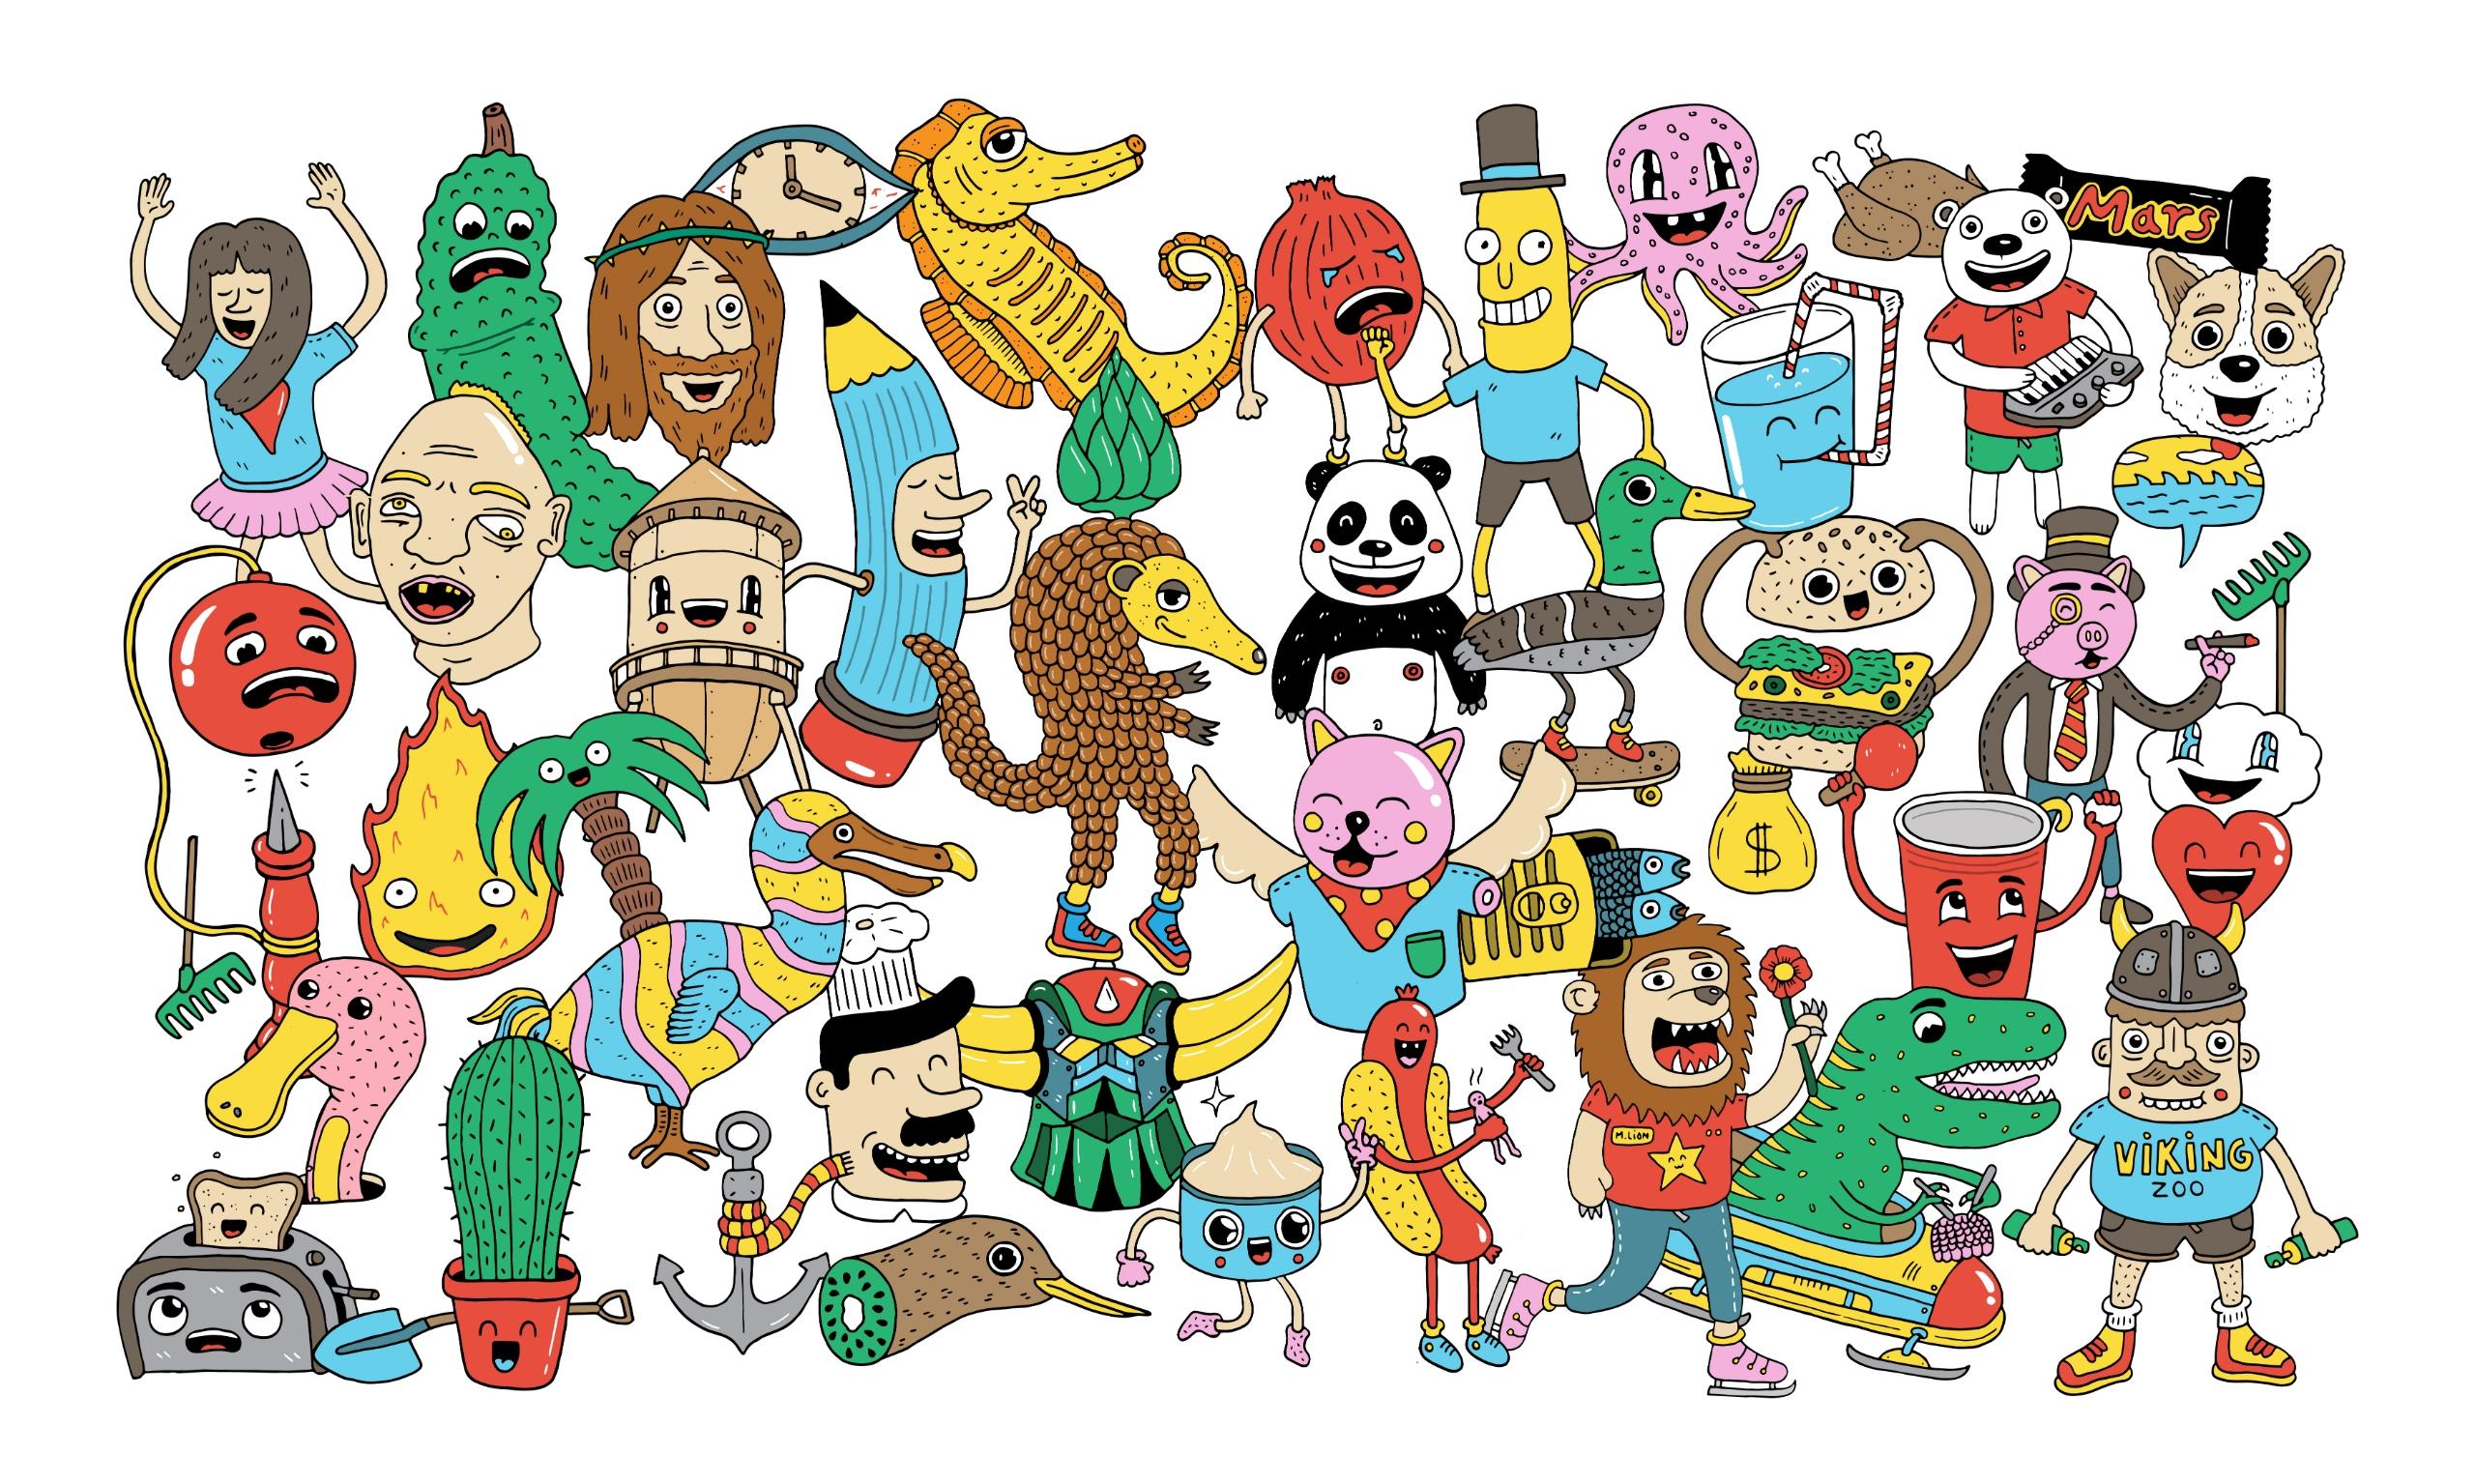 story messy colorful illustrati - douglascavanna | ello